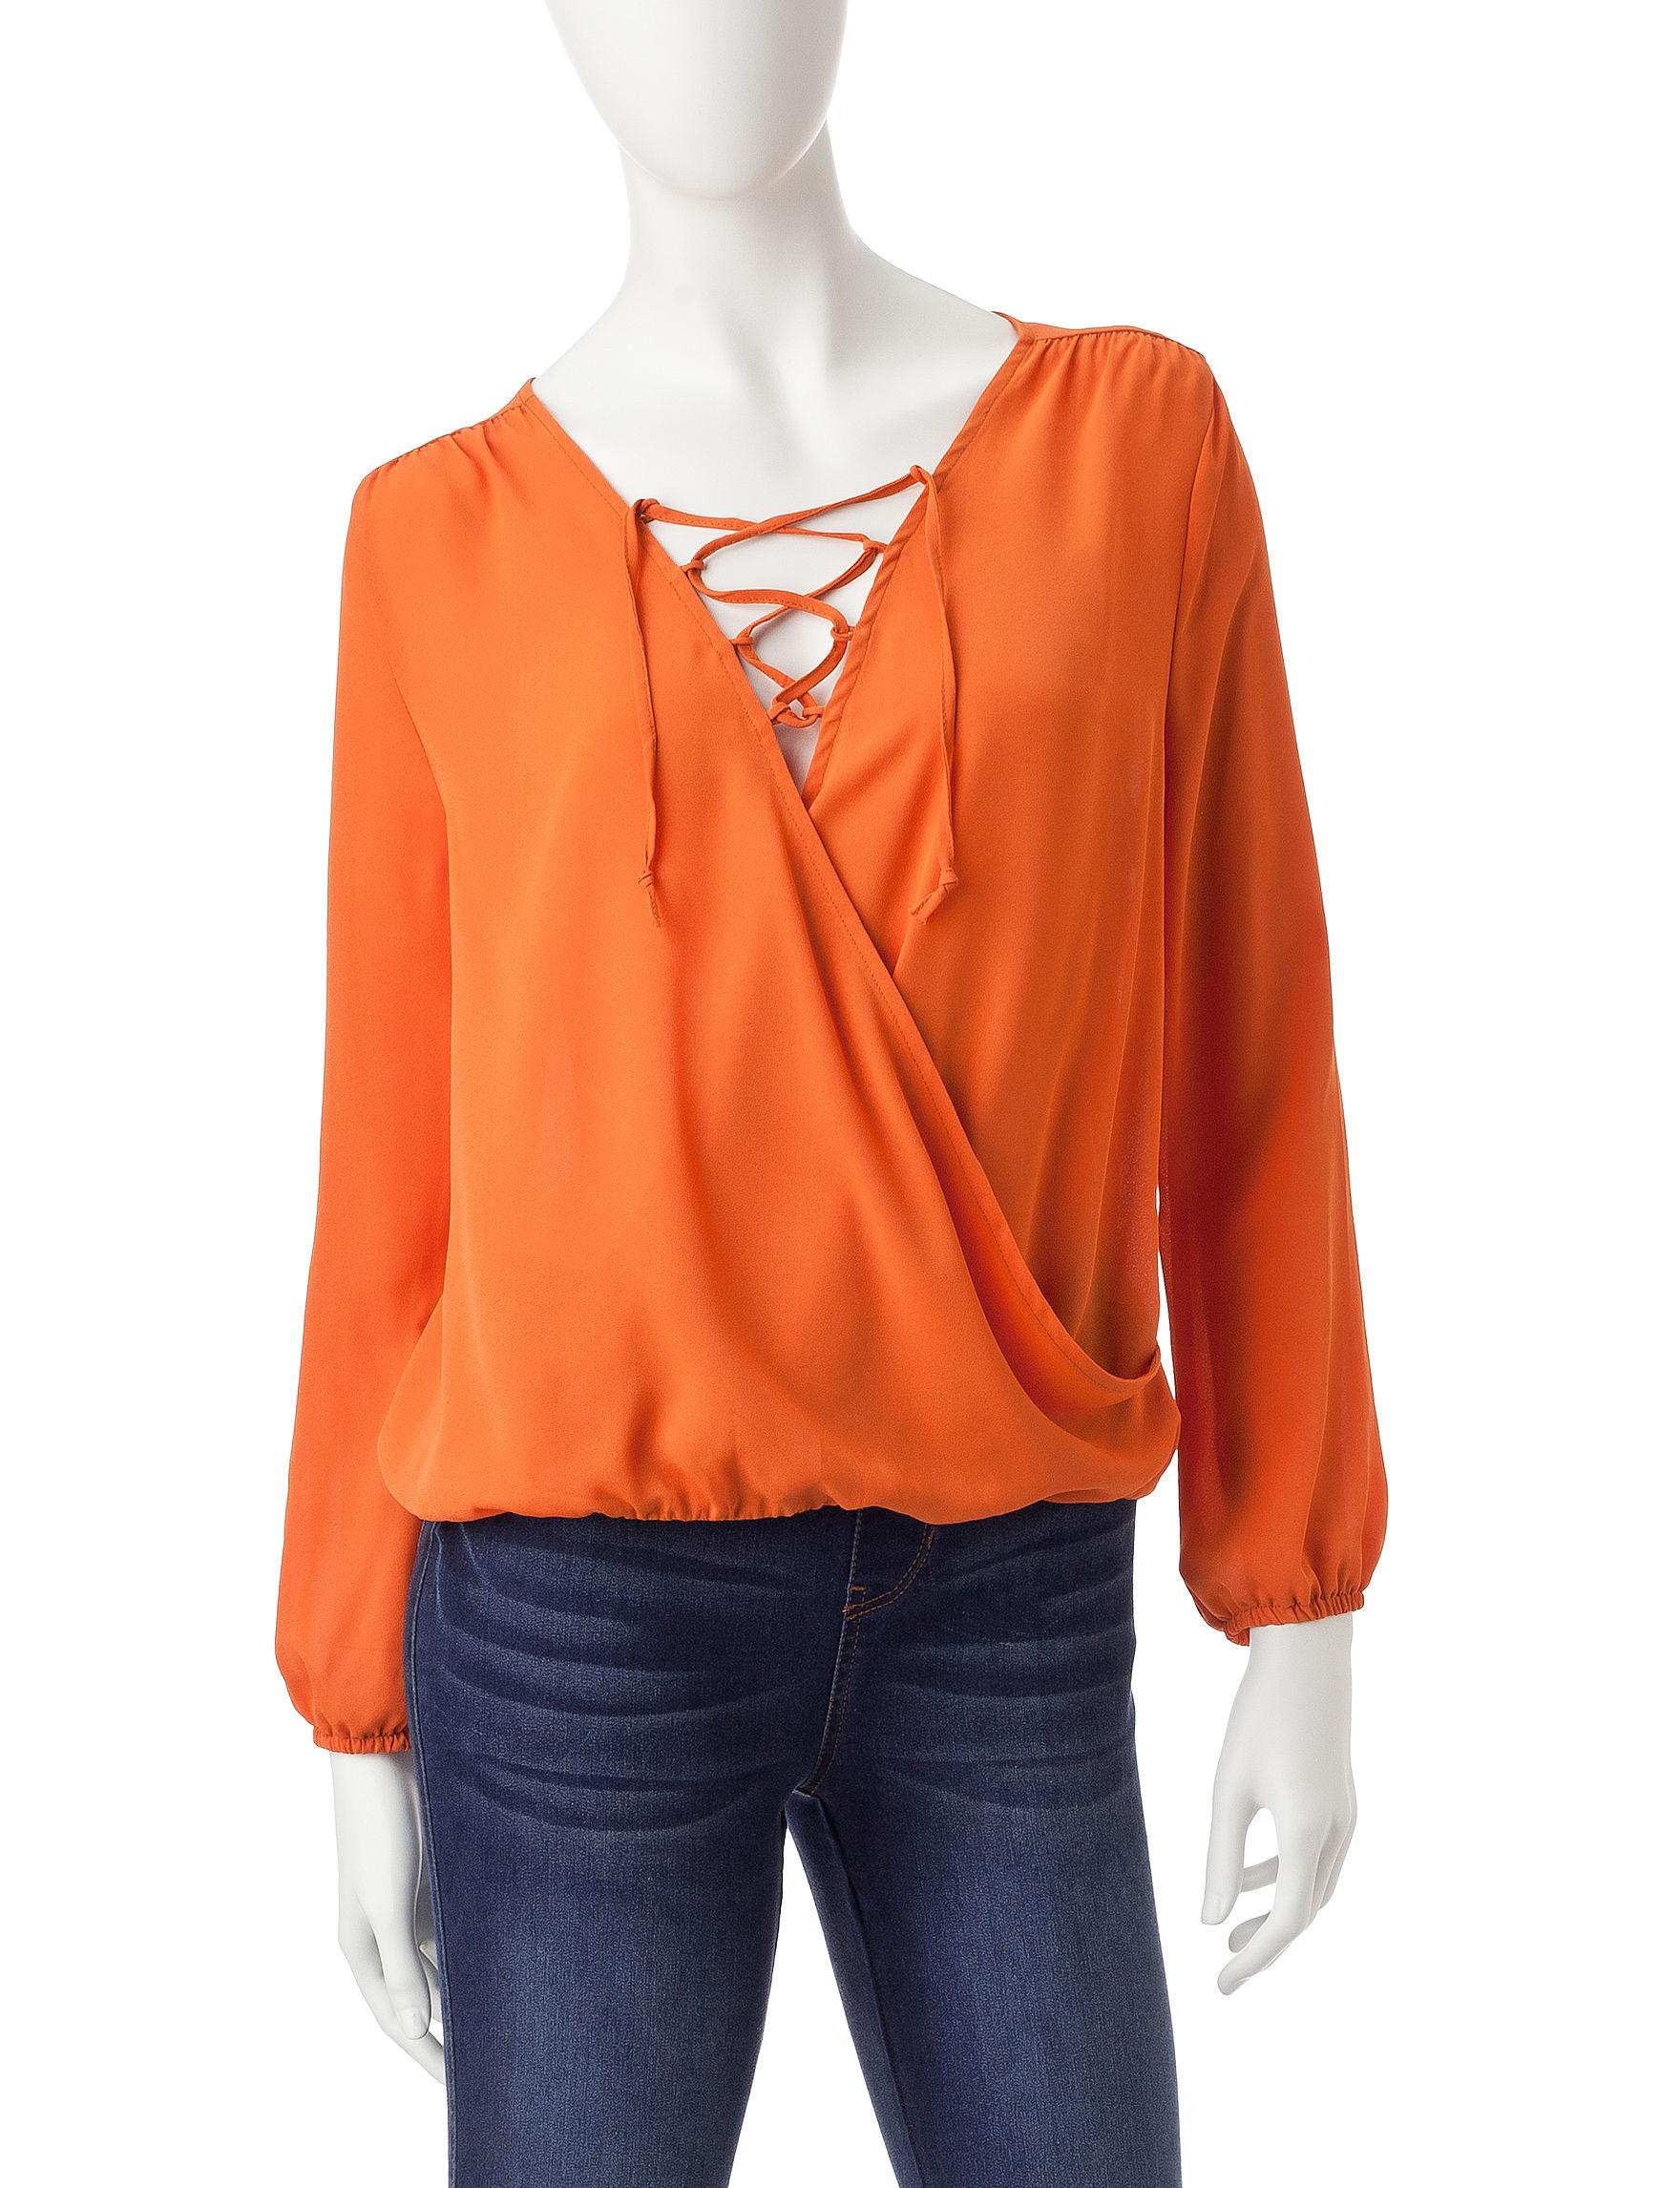 Wishful Park Orange Shirts & Blouses